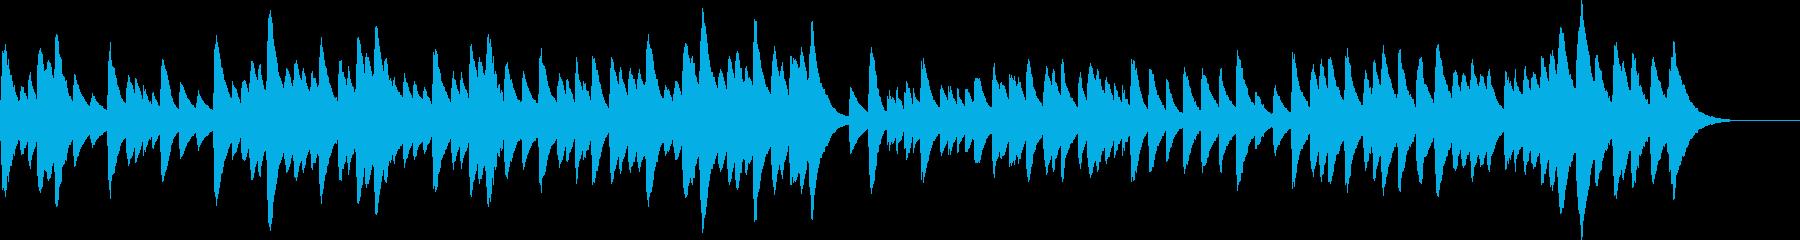 メヌエット/バッハ、の暖かいオルゴールの再生済みの波形